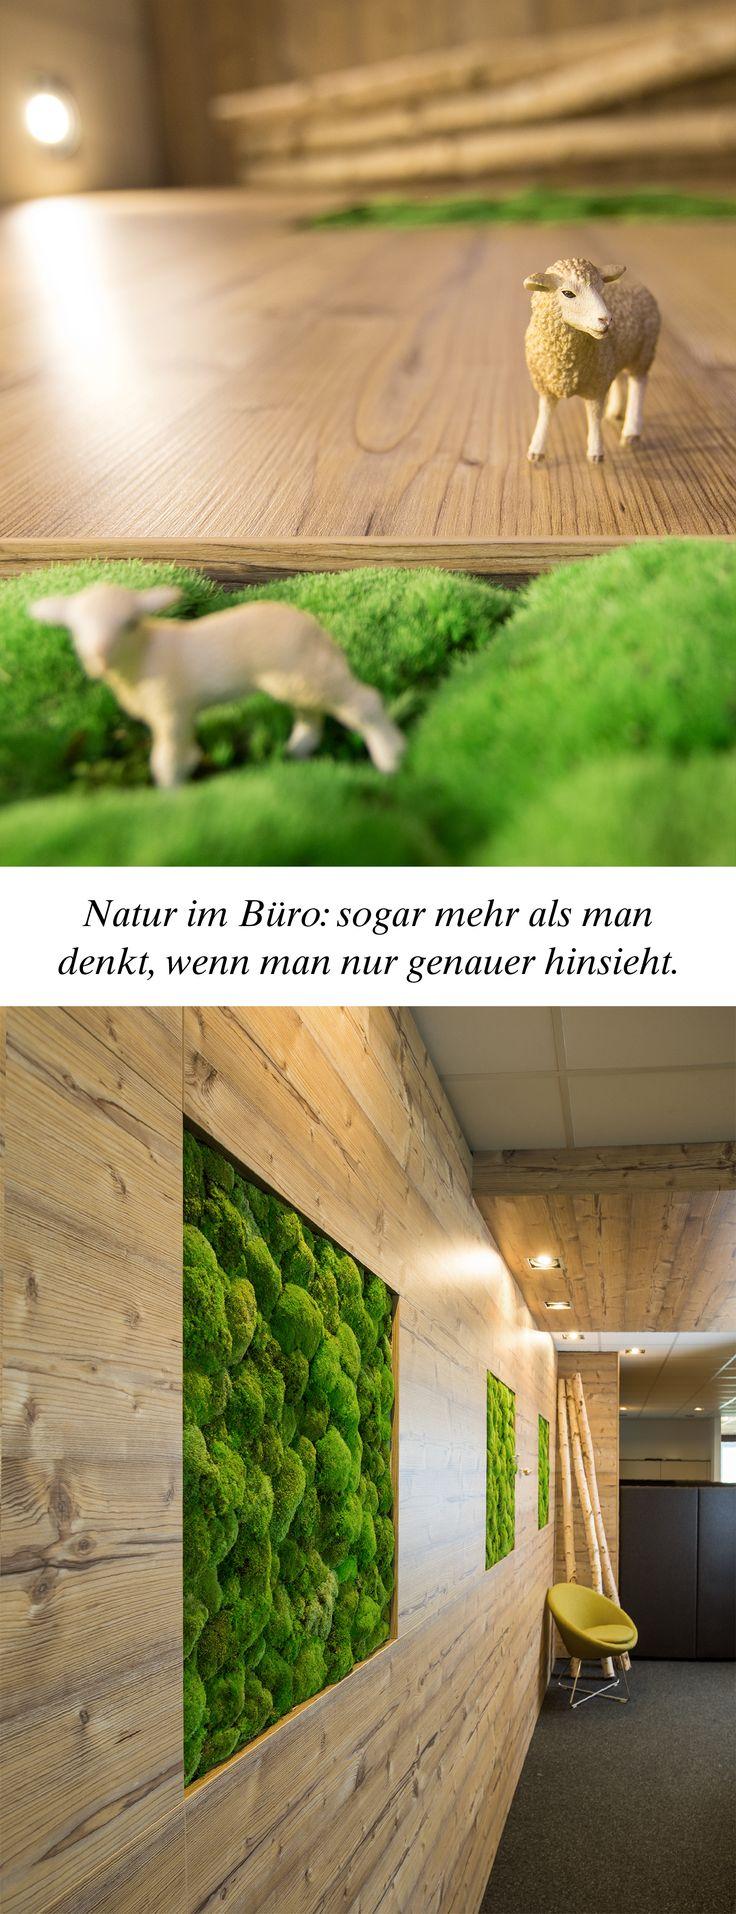 Pflanzen im Büro: Moosbilder an der Wand vermitteln Natürlichkeit. Manchmal ve…